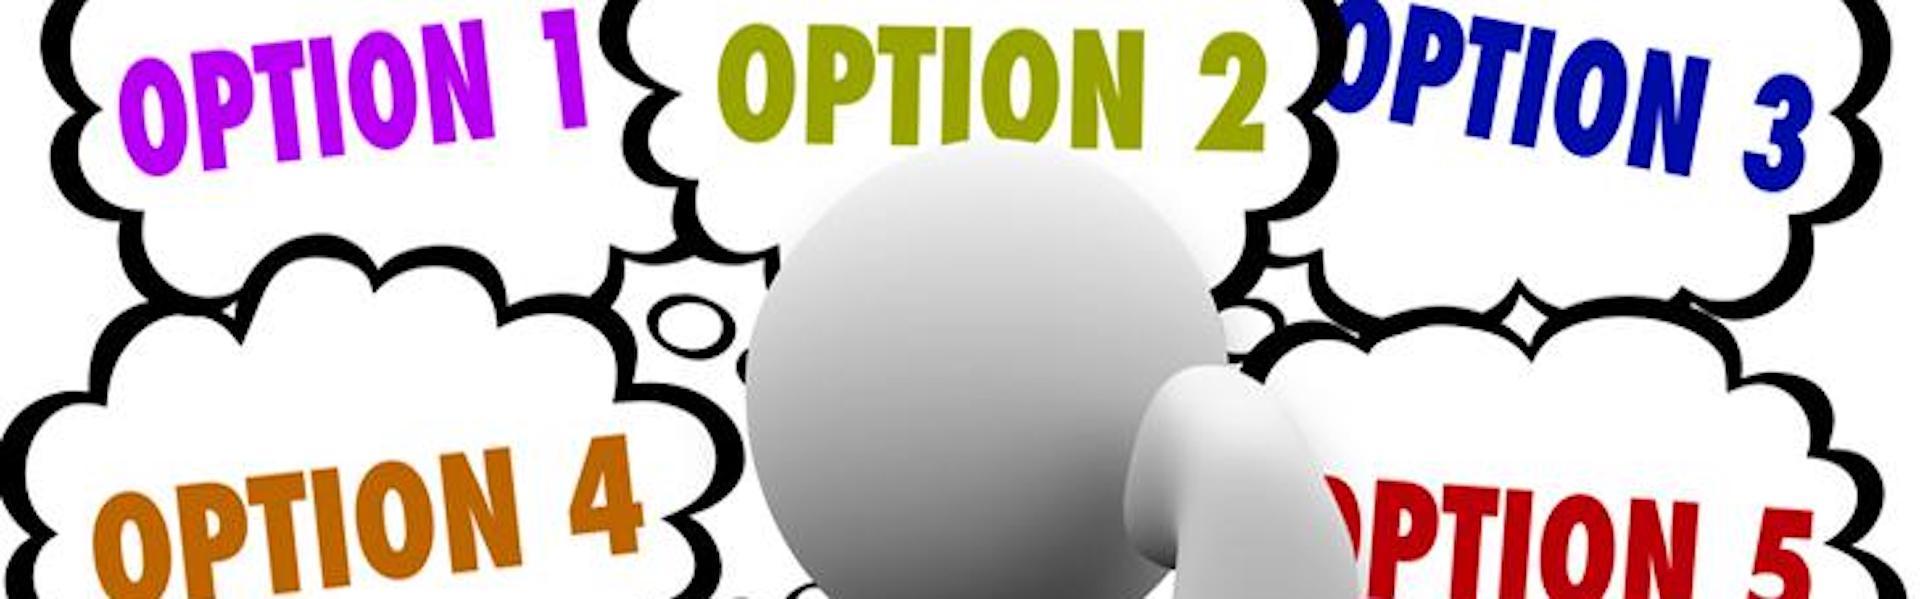 Investor options